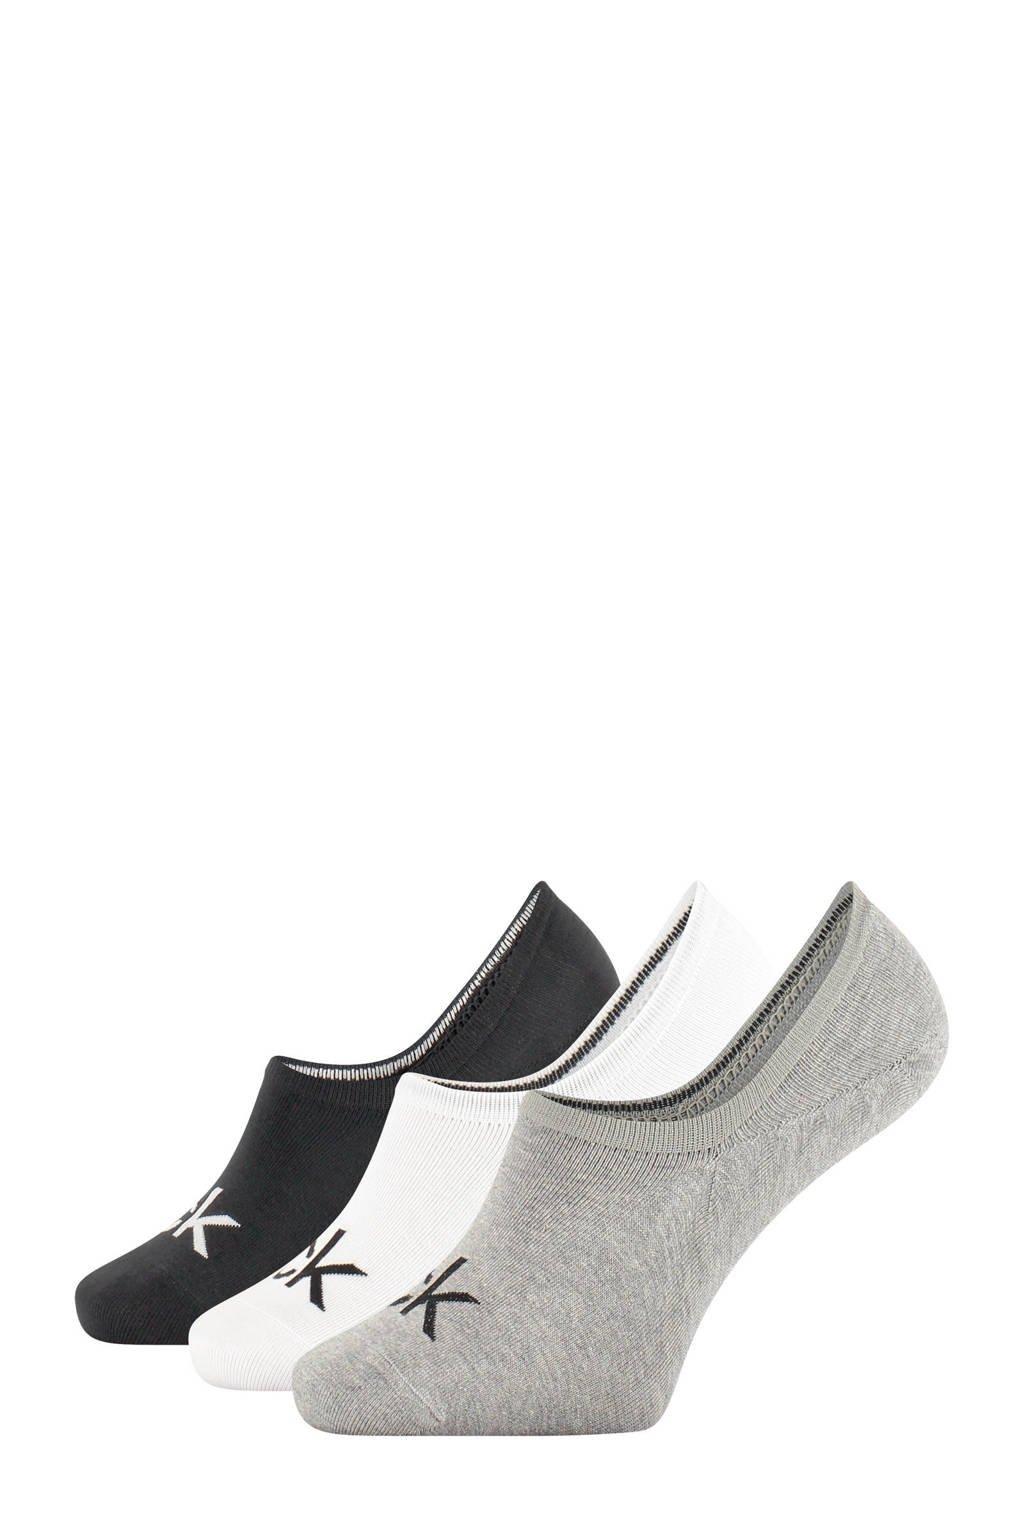 CALVIN KLEIN sneakersokken - 3 paar, Grijs/wit/zwart